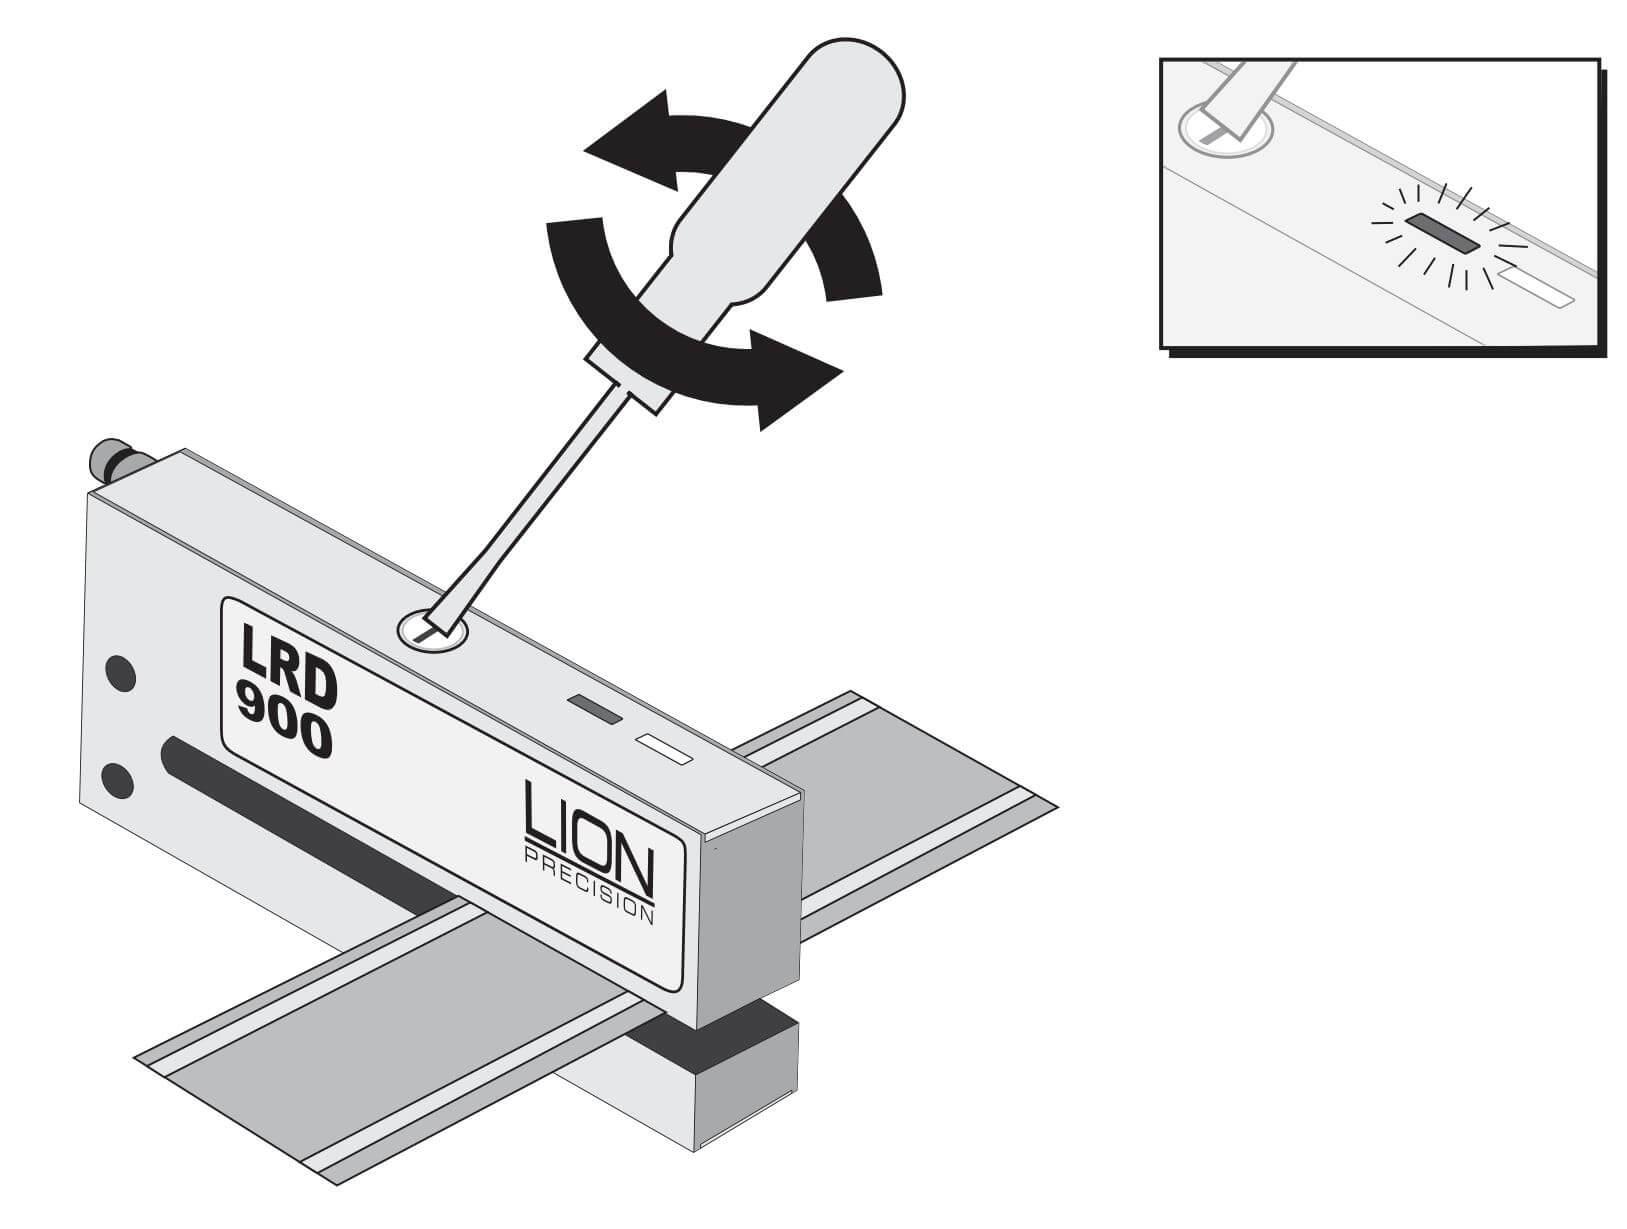 LRD900 Schritt 2